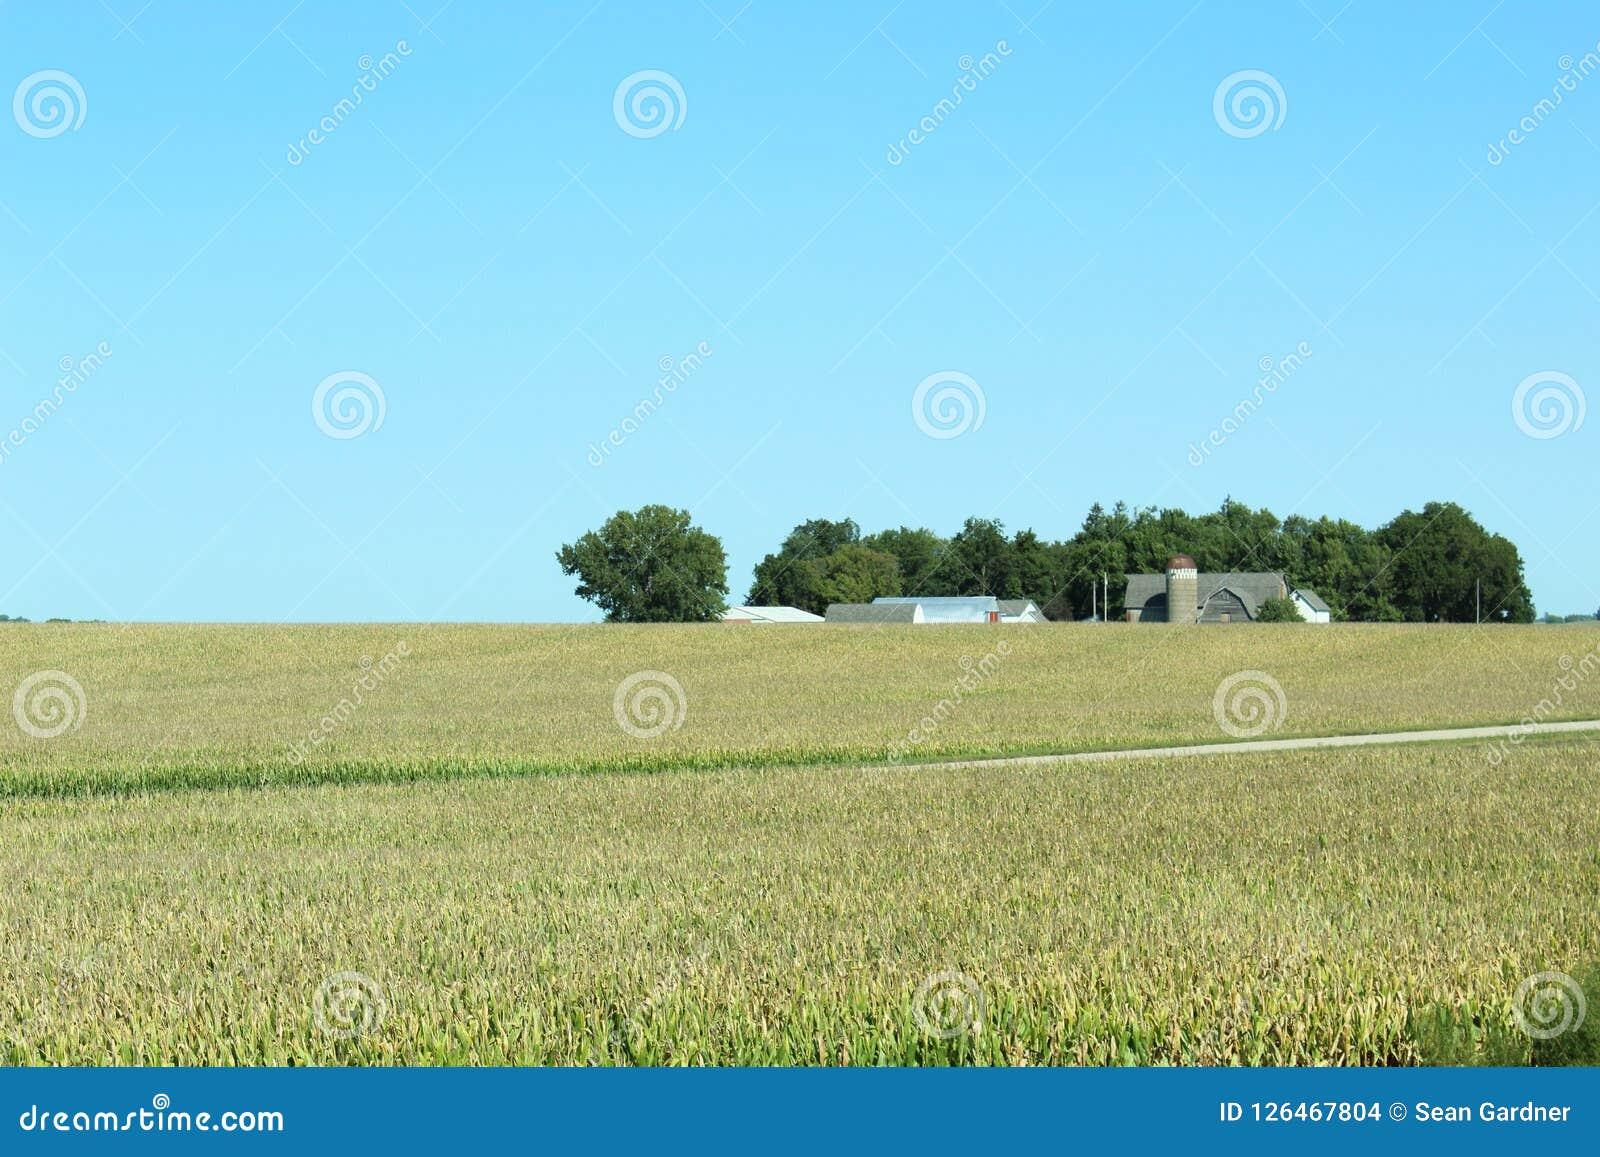 Mały gospodarstwo rolne dom i stajnia z silosem